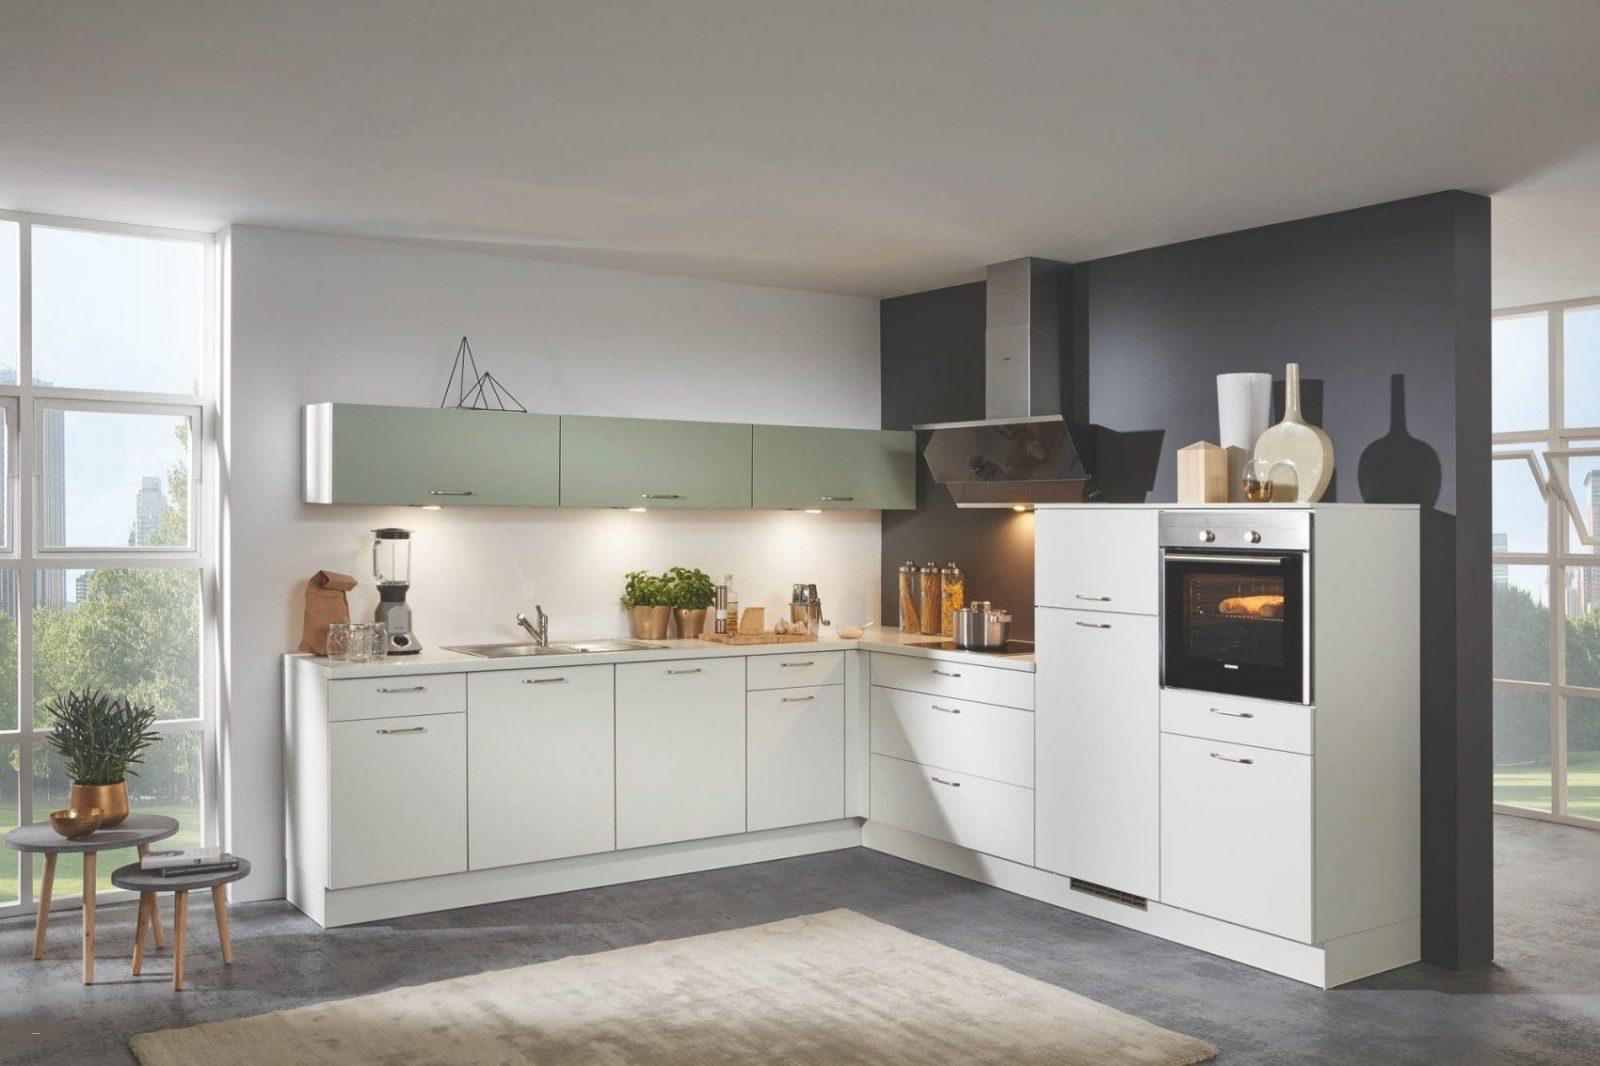 Sitzbank Küche Attraktiv Tolle Küche Selber Bauen Aus Holz Schema von Sitzbank Küche Selber Bauen Photo